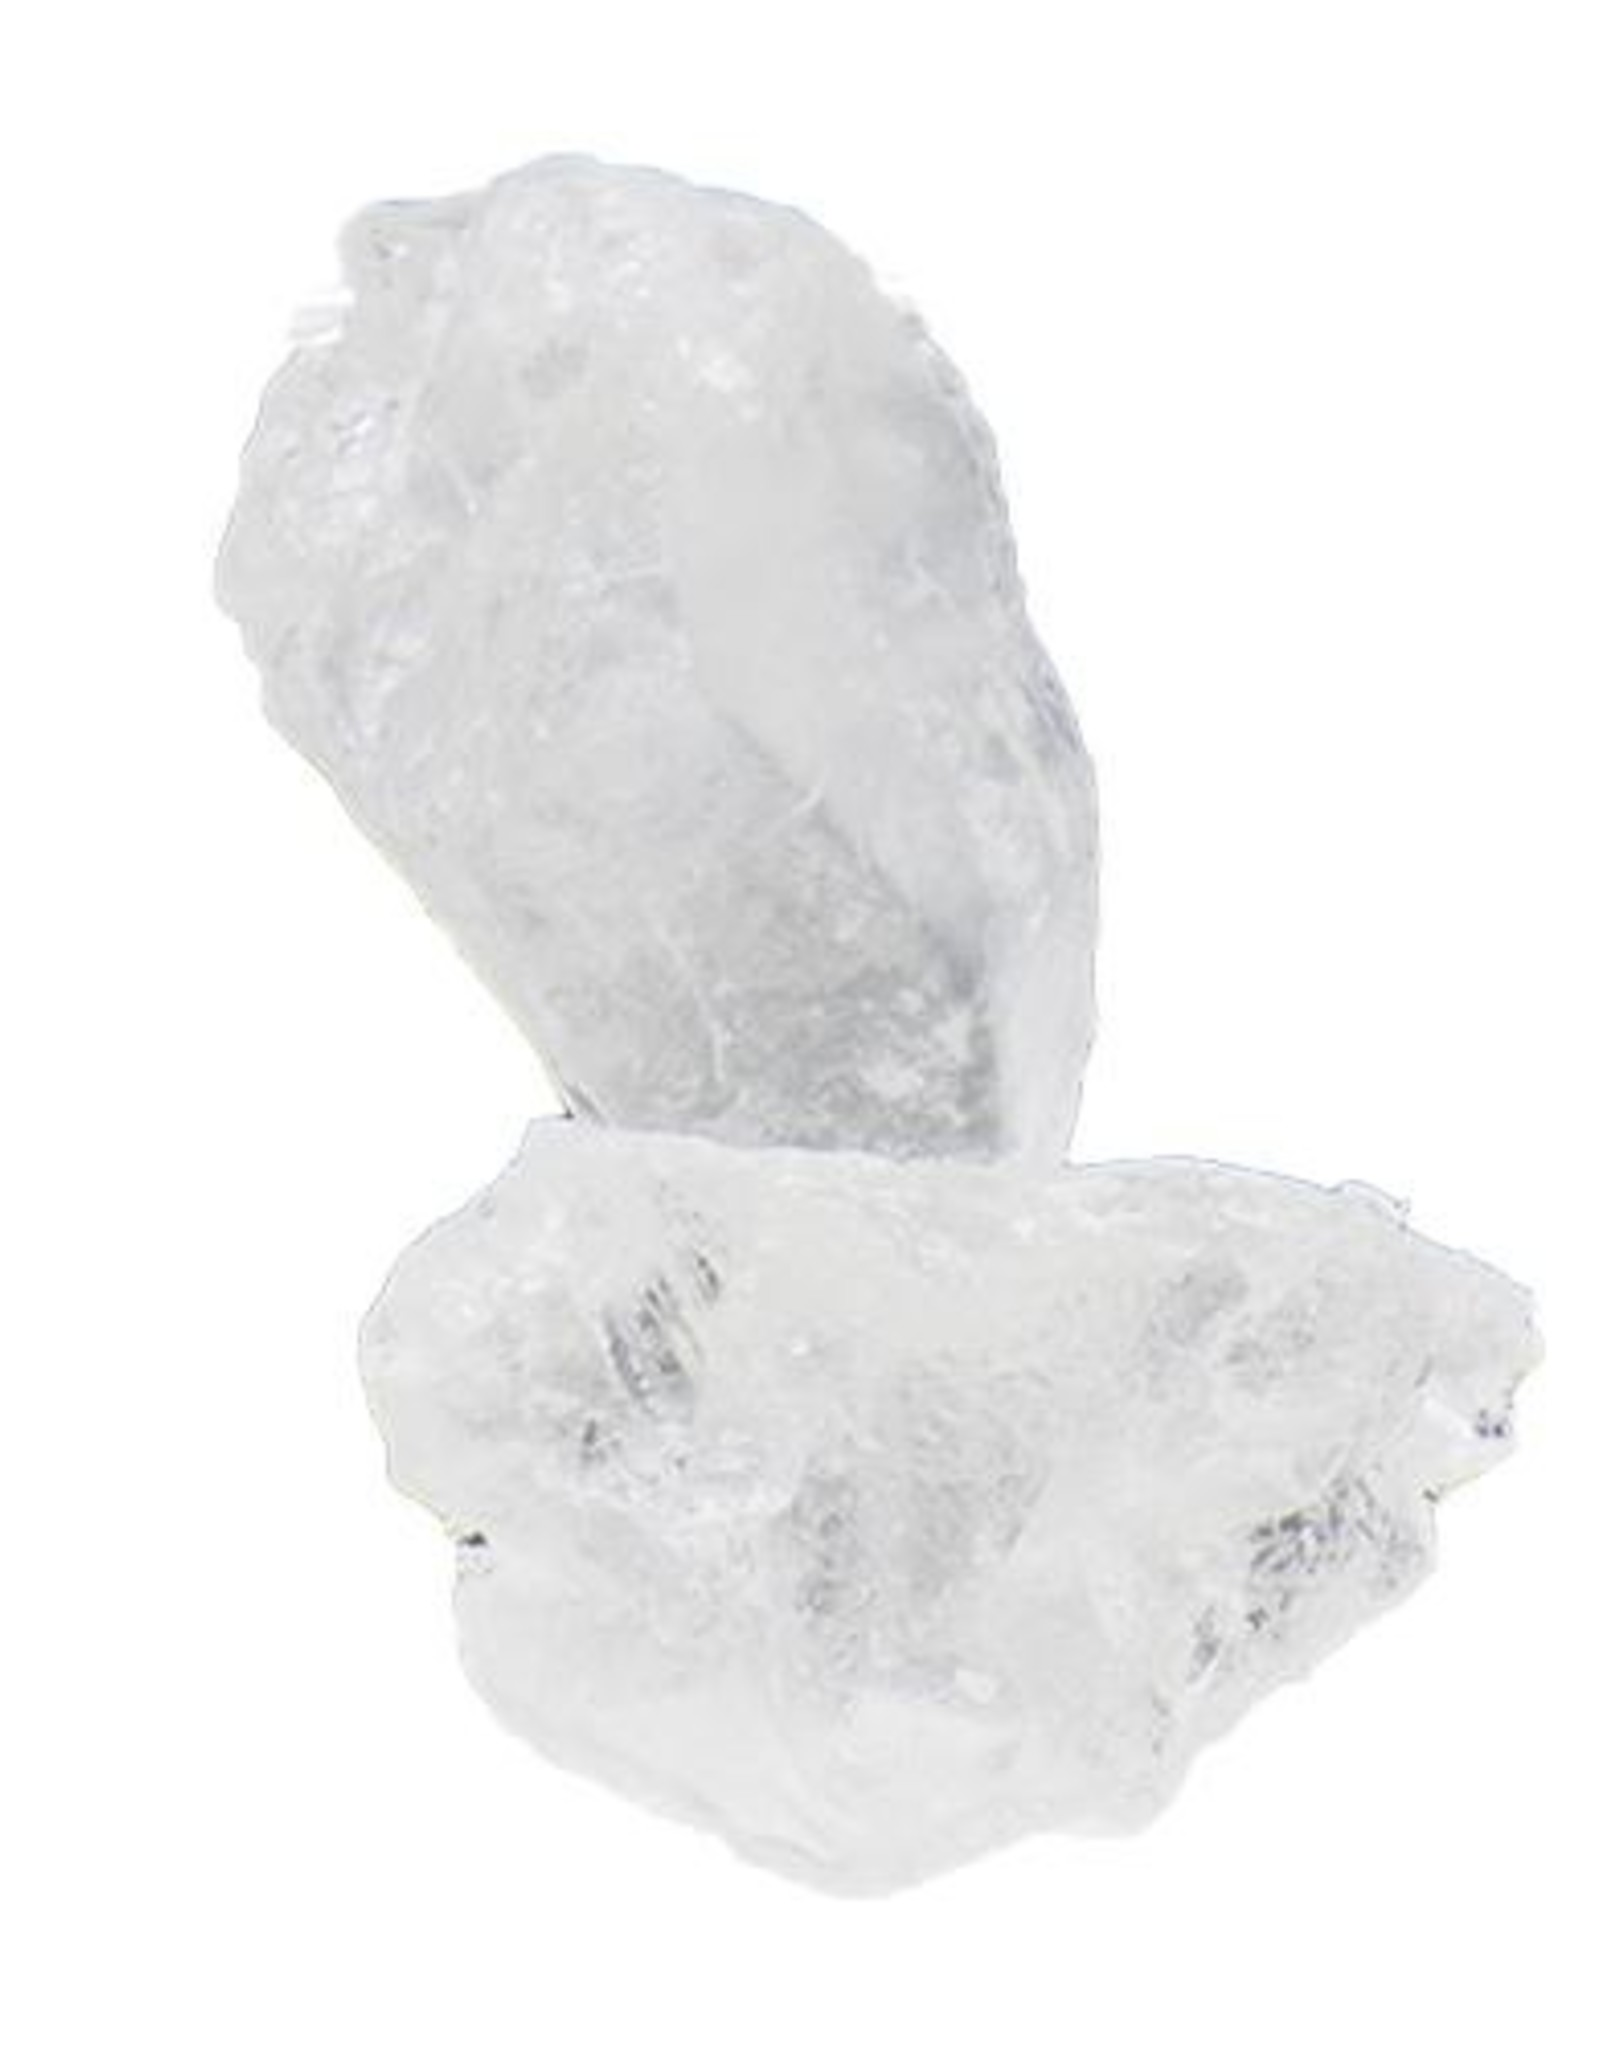 Greybeard Greybeard - Diamonds - 0.75g